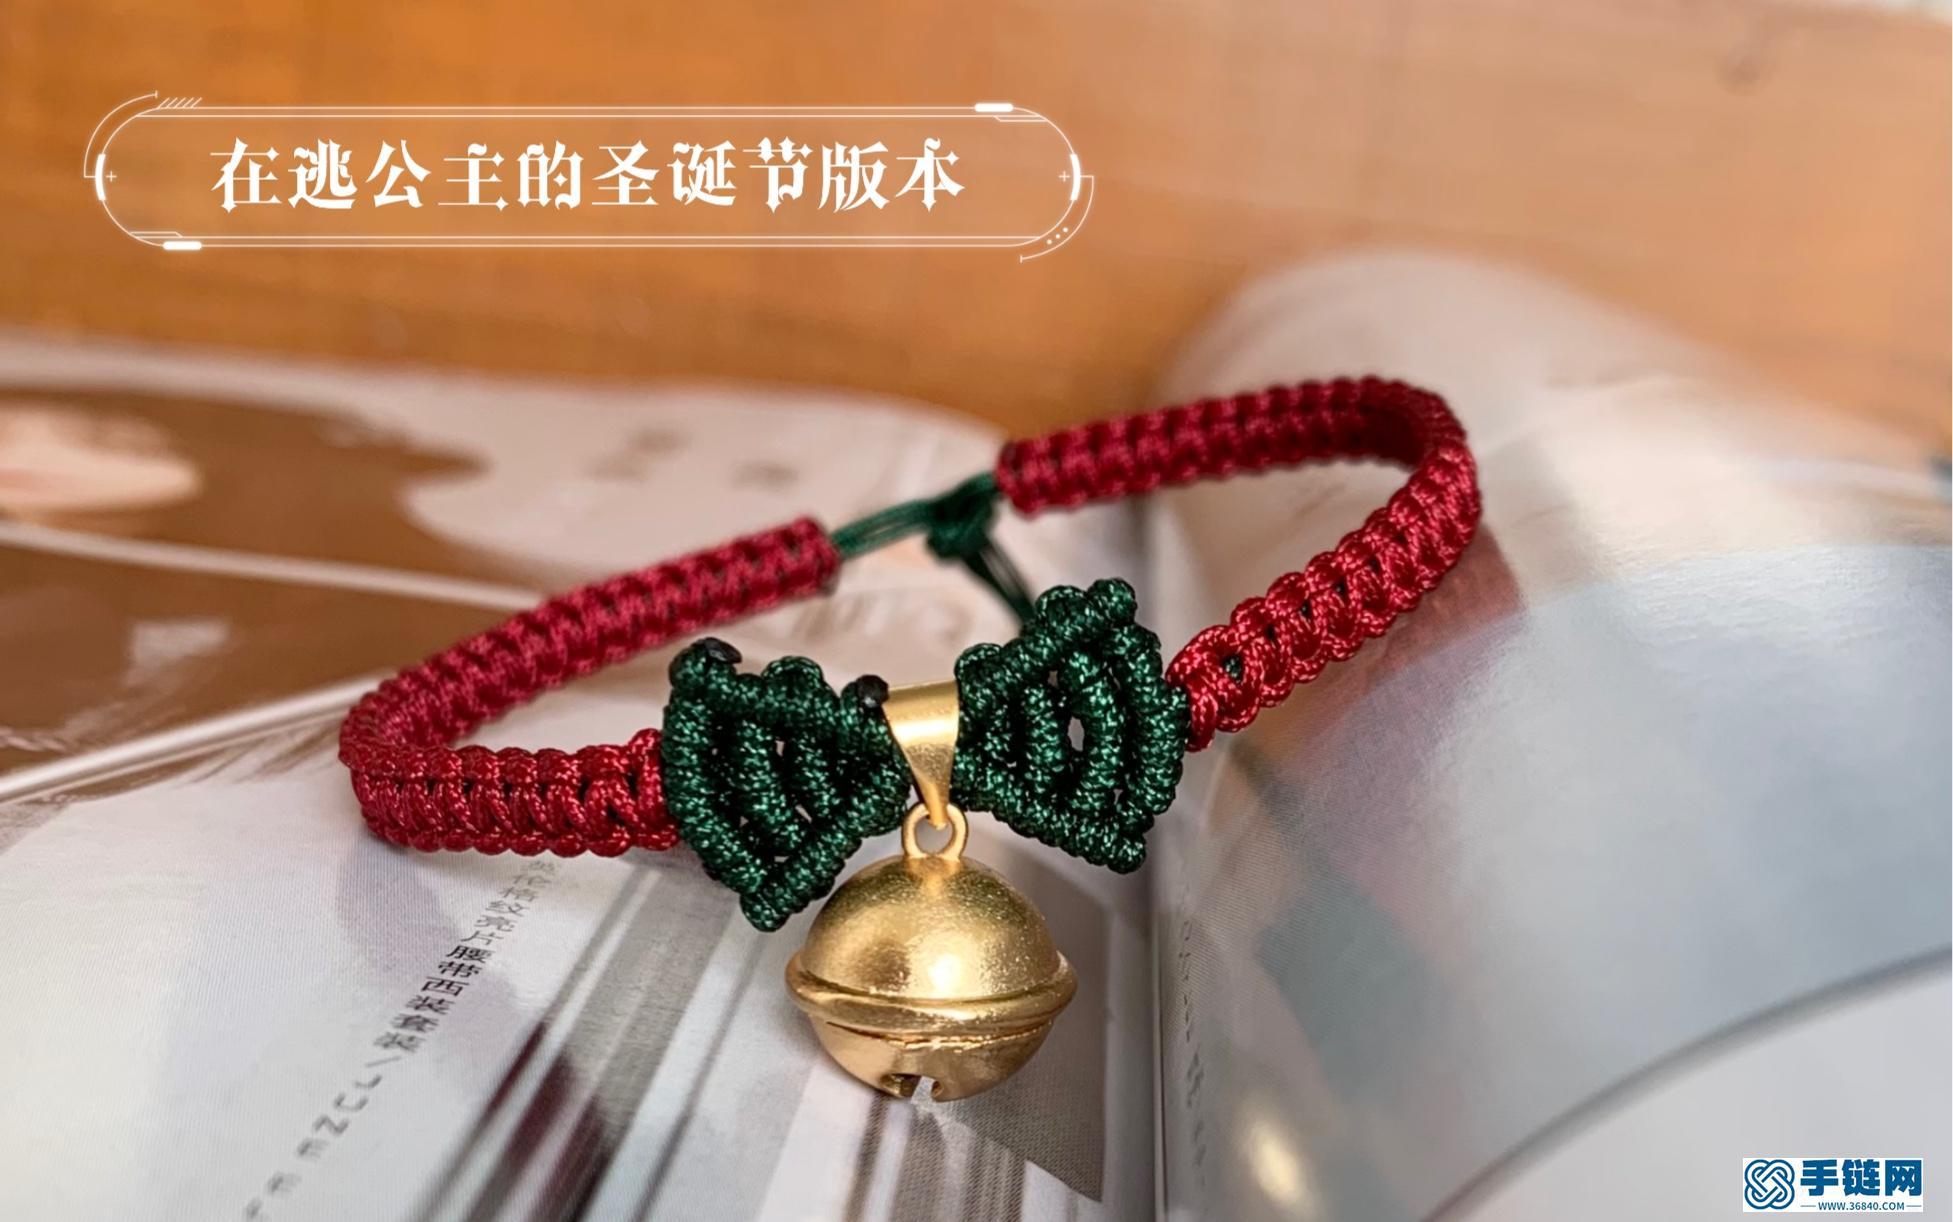 手工编绳 在逃公主的圣诞节版本